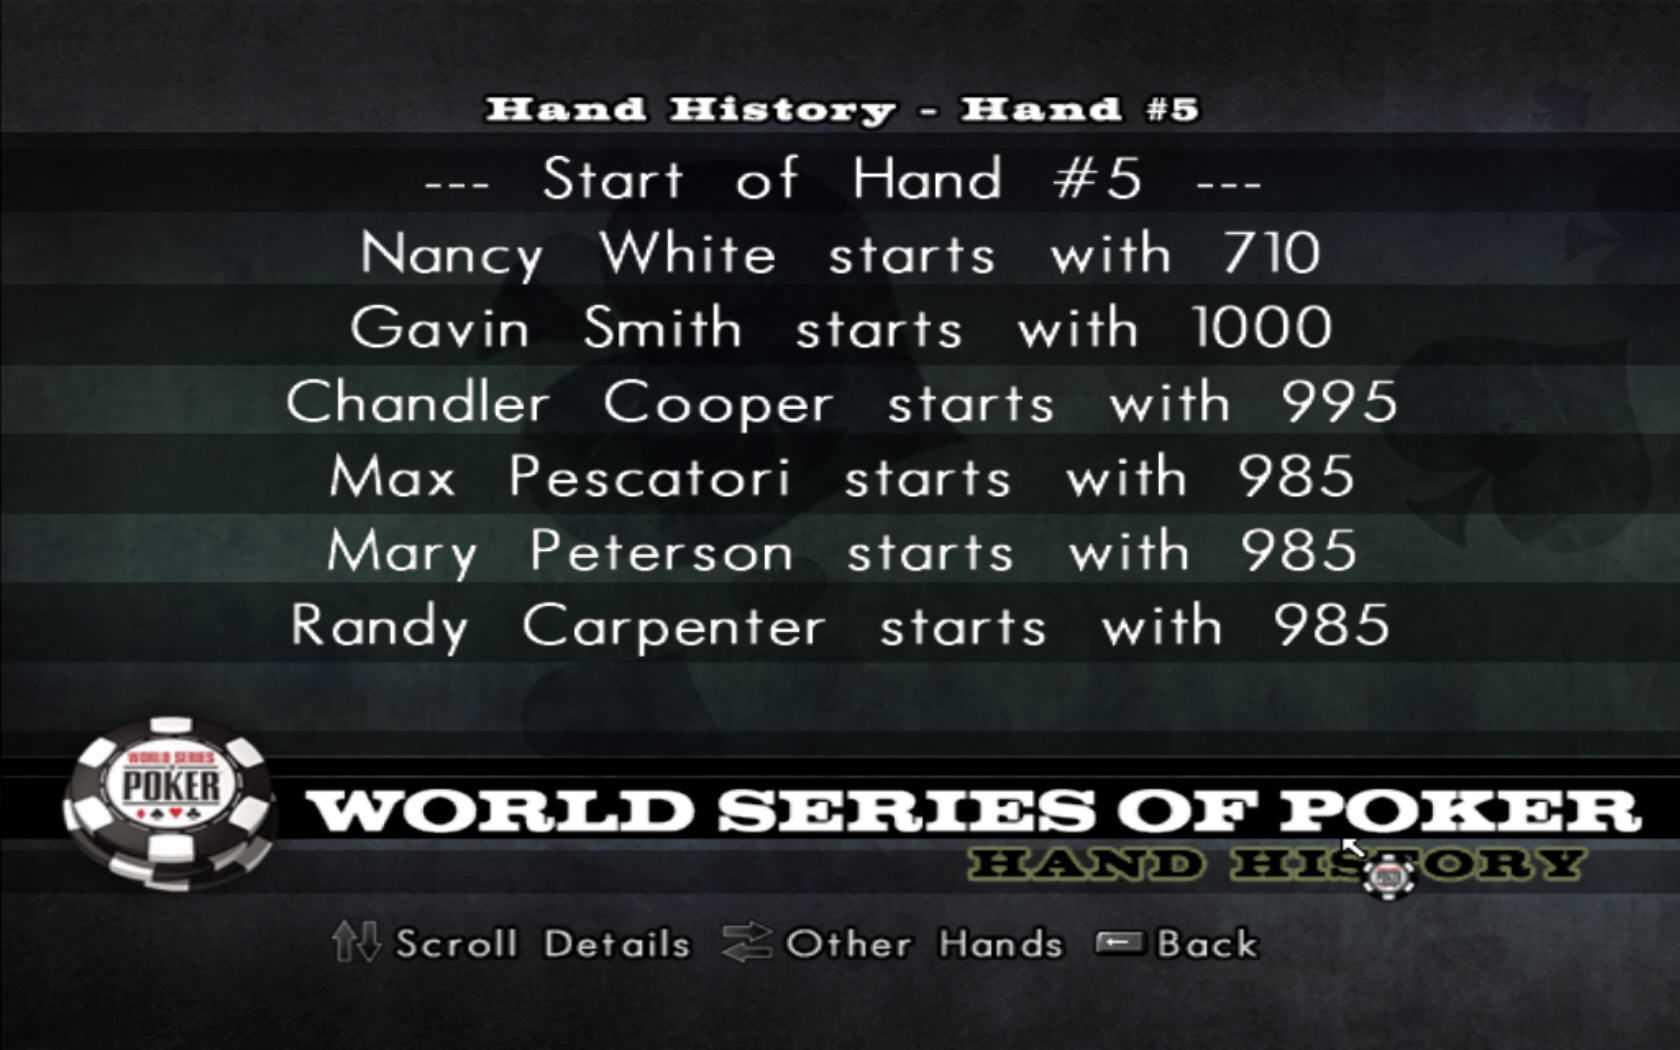 World Series of Poker 2008: Battle for the Bracelets?